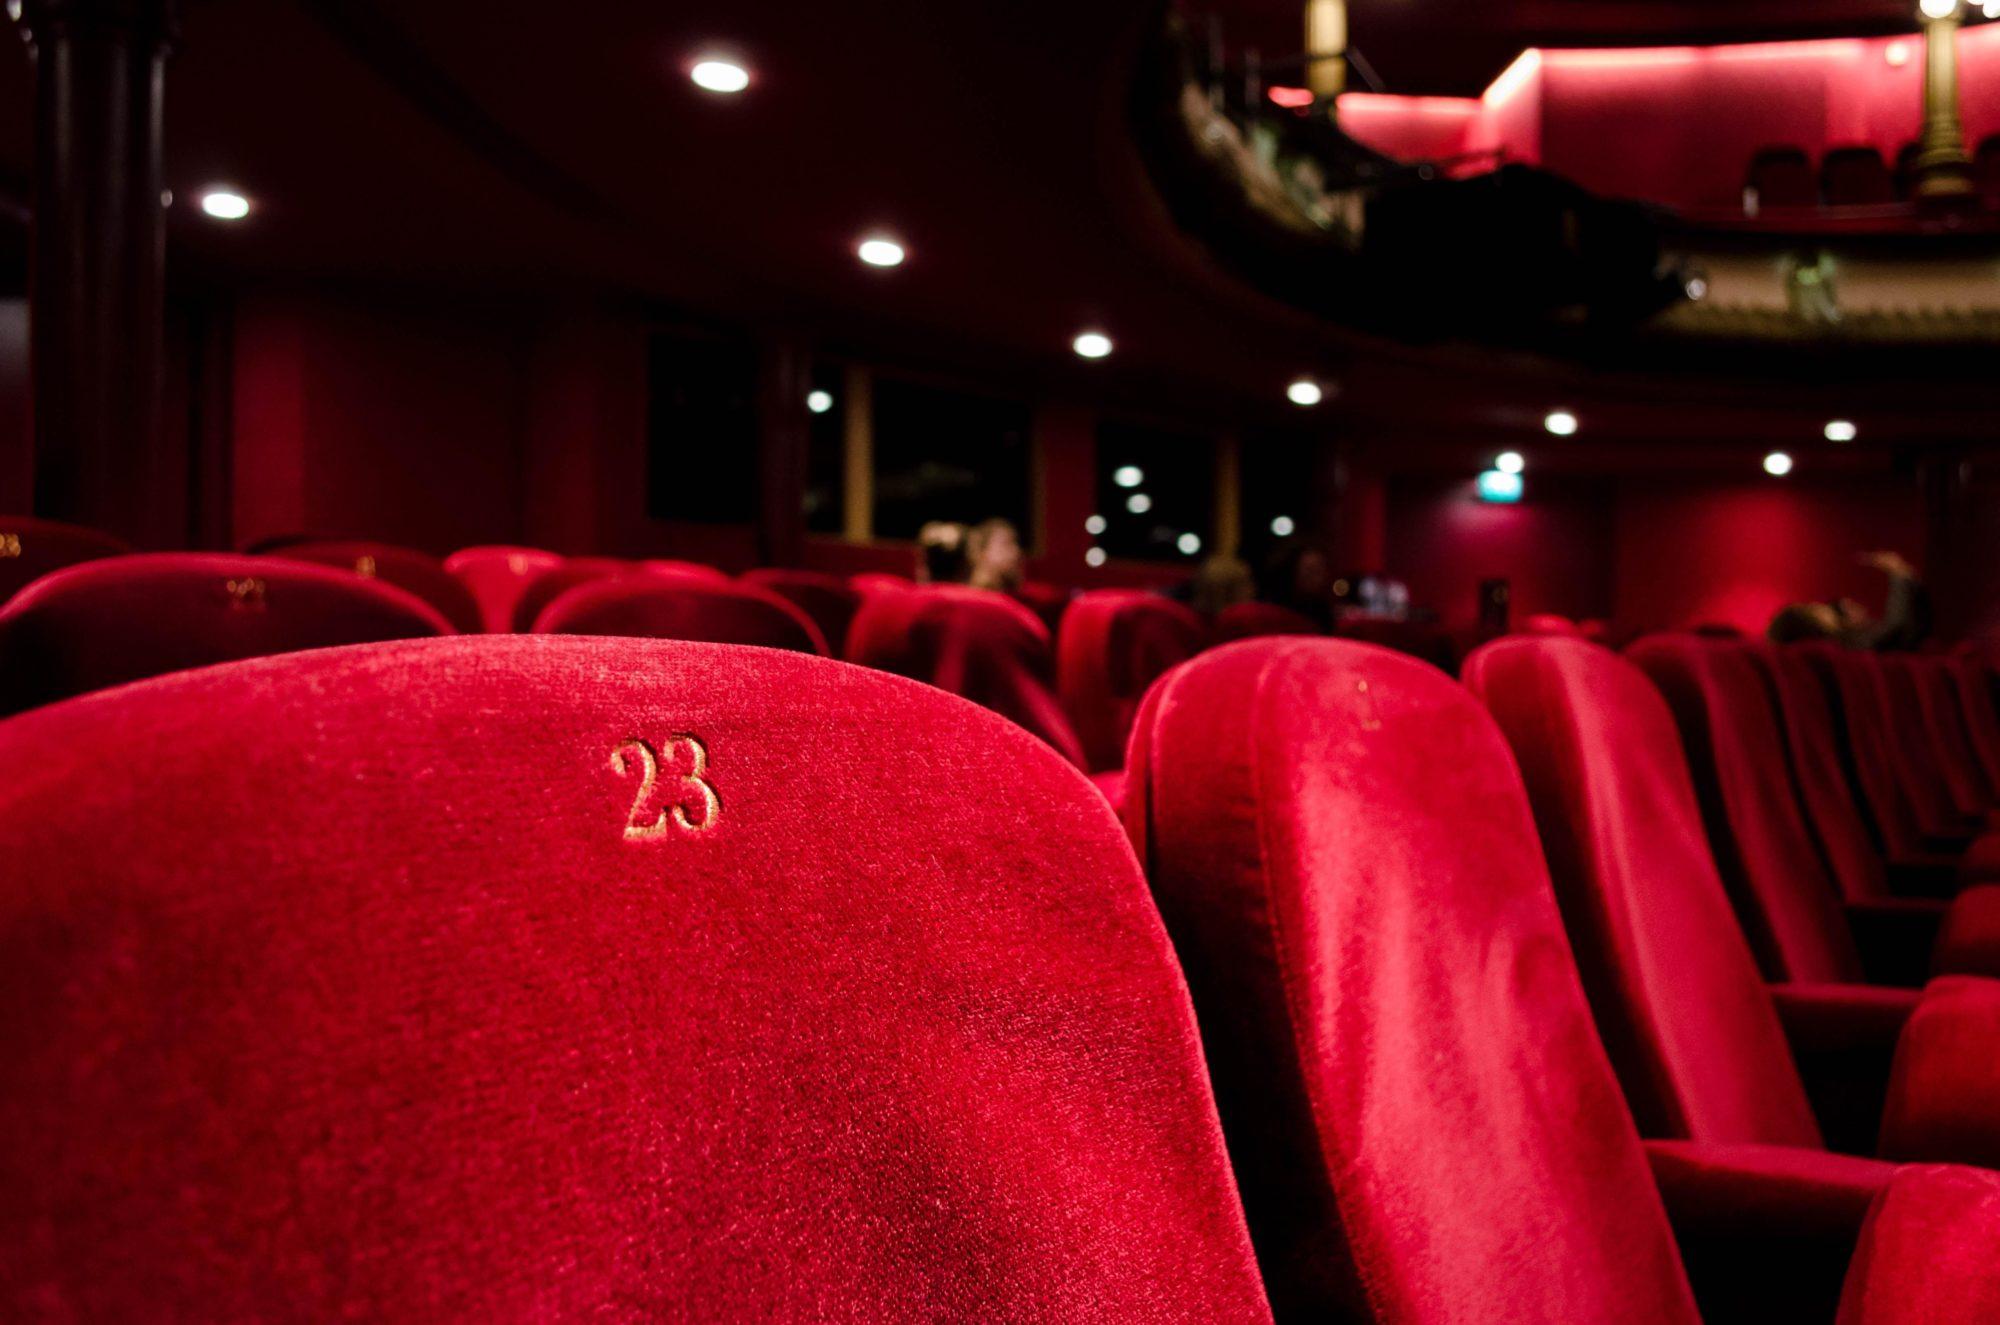 Wielka, baśniowa inscenizacja - warsztaty teatralne. Siemianowice Śląskie